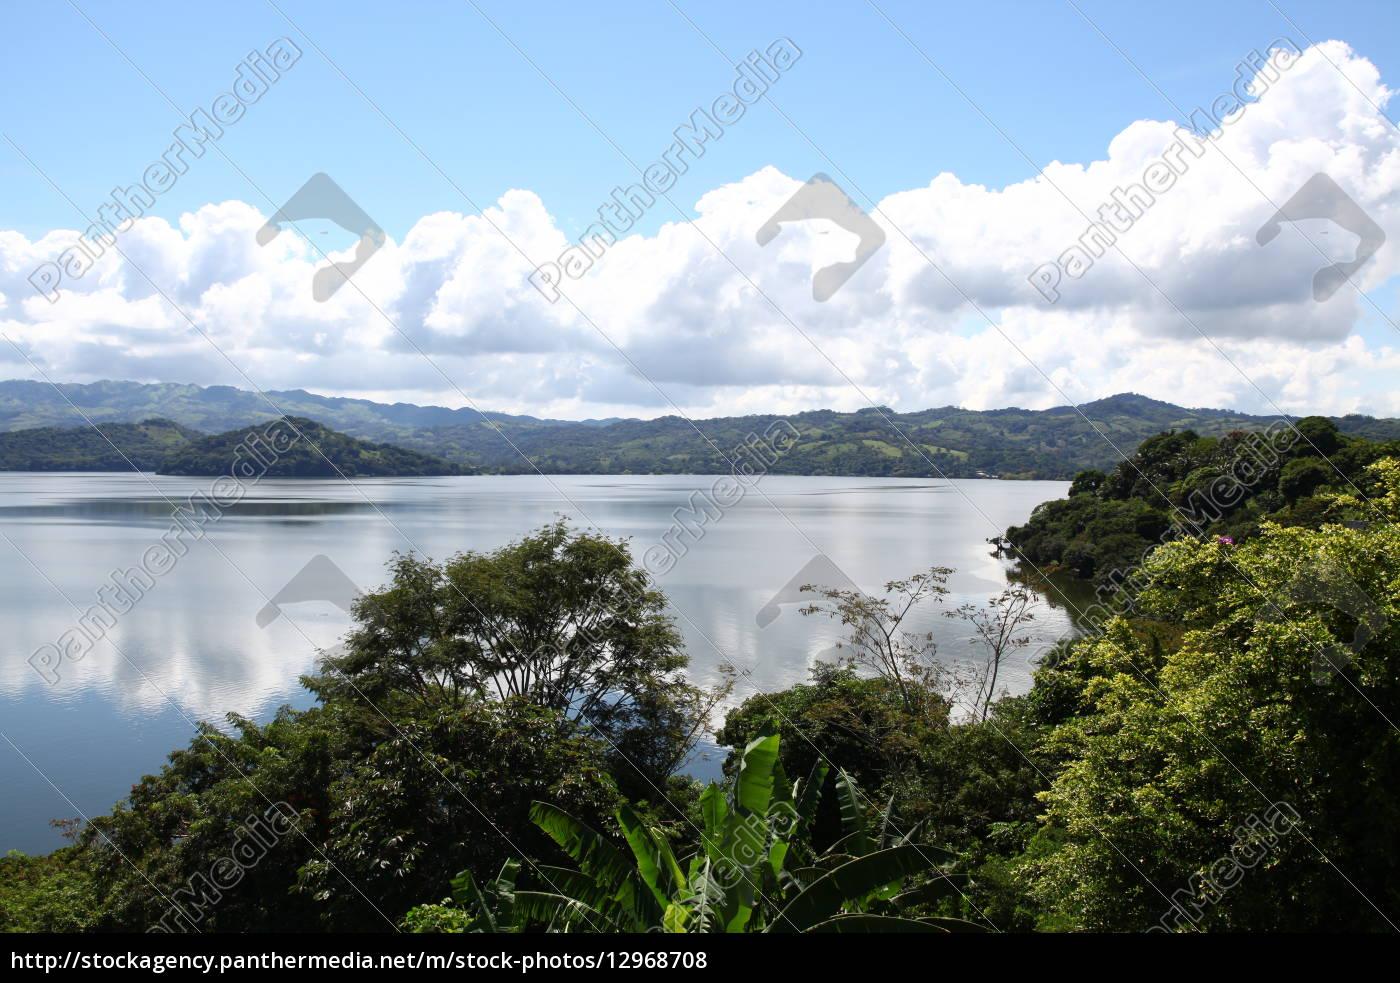 Mexiko, See, Gewässer, Himmel, Wolken, Urlaub - 12968708